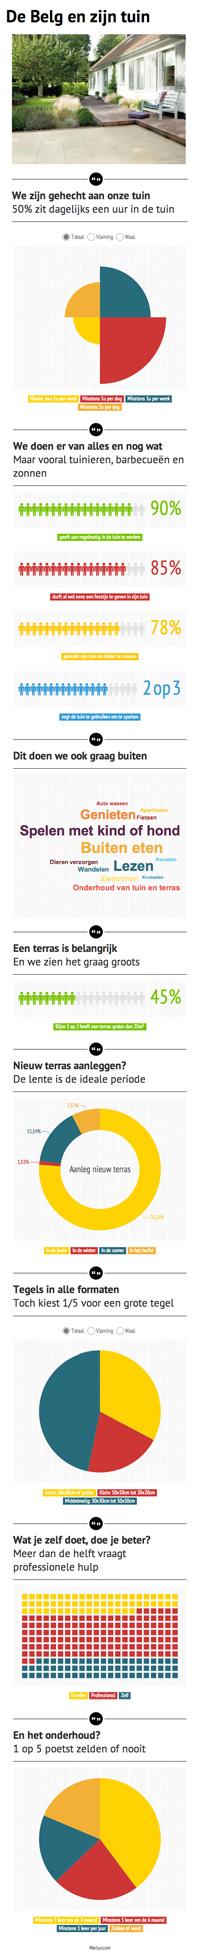 Onderzoek van Marlux naar Belgen en hun  Tuin